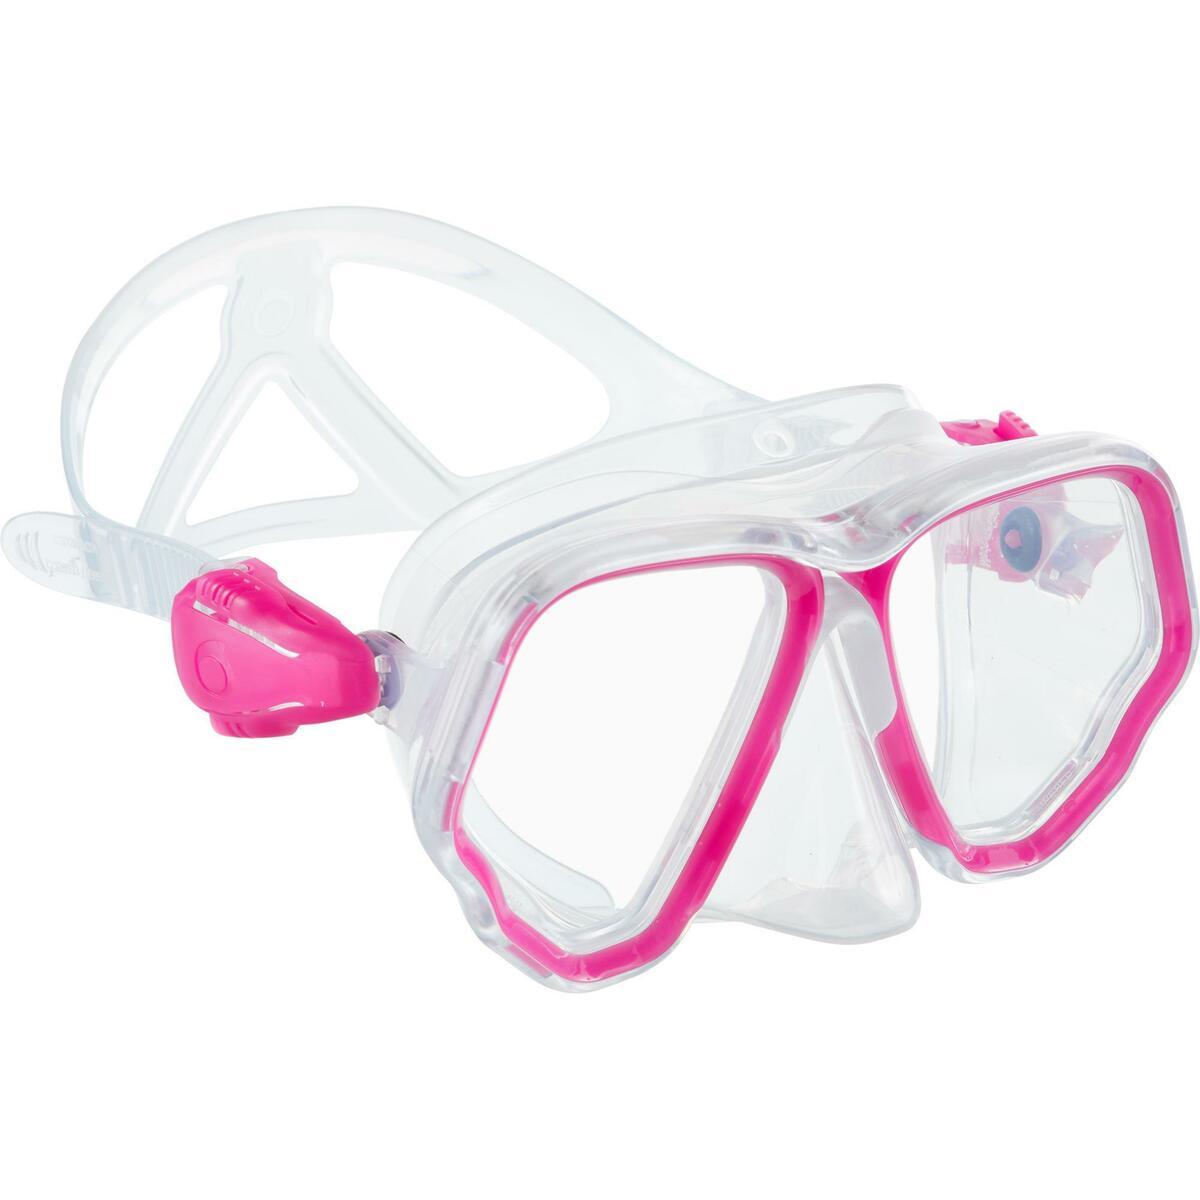 Bild 1 von Tauchmaske SCD 500 für Gerätetauchen cristal/rosa Zweiglas/Bi-Glas Tauchermaske